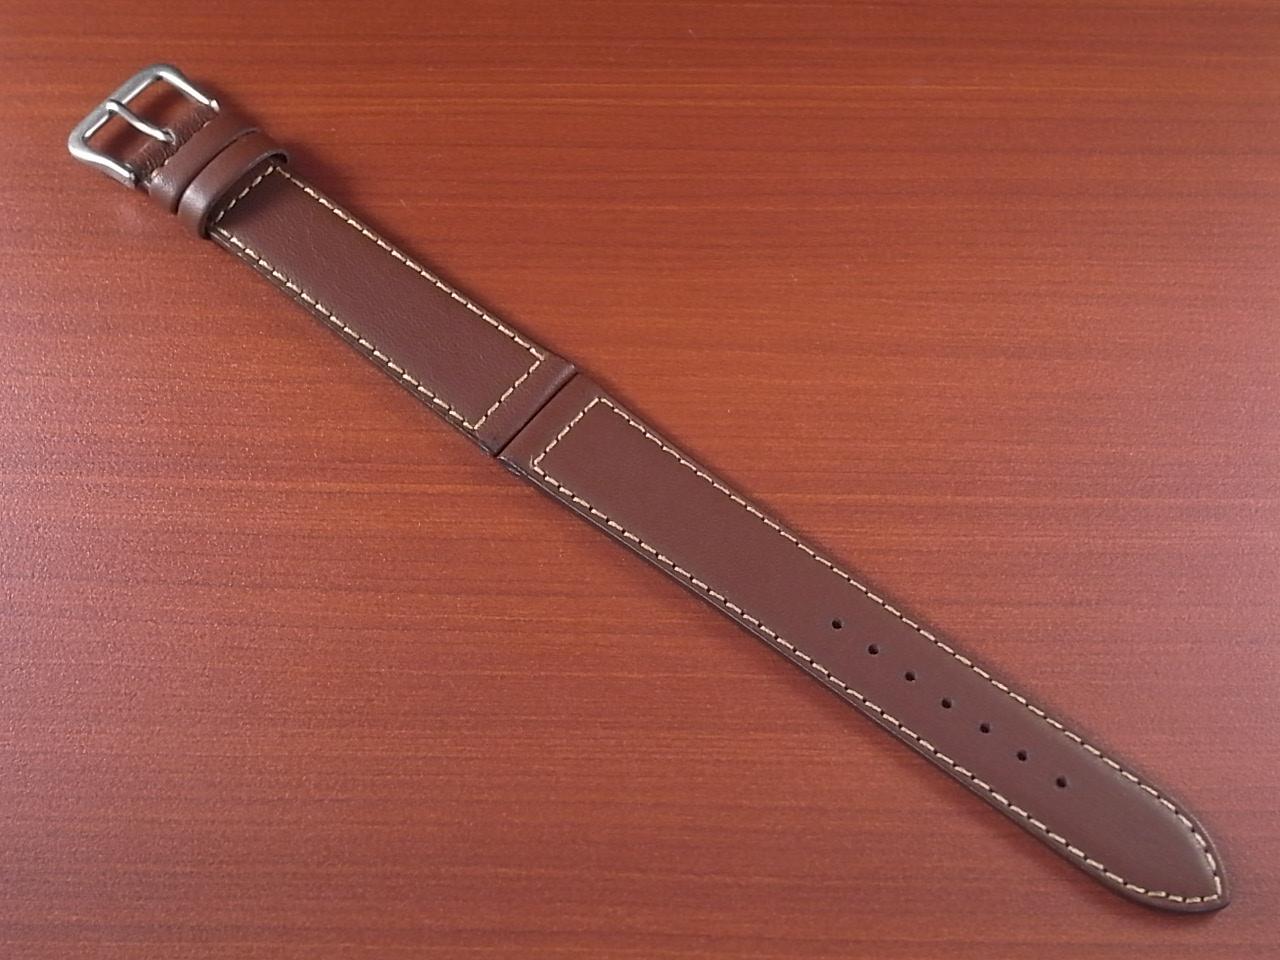 カーフ革ベルト 赤茶 18mm オリジナル CC-003のメイン写真